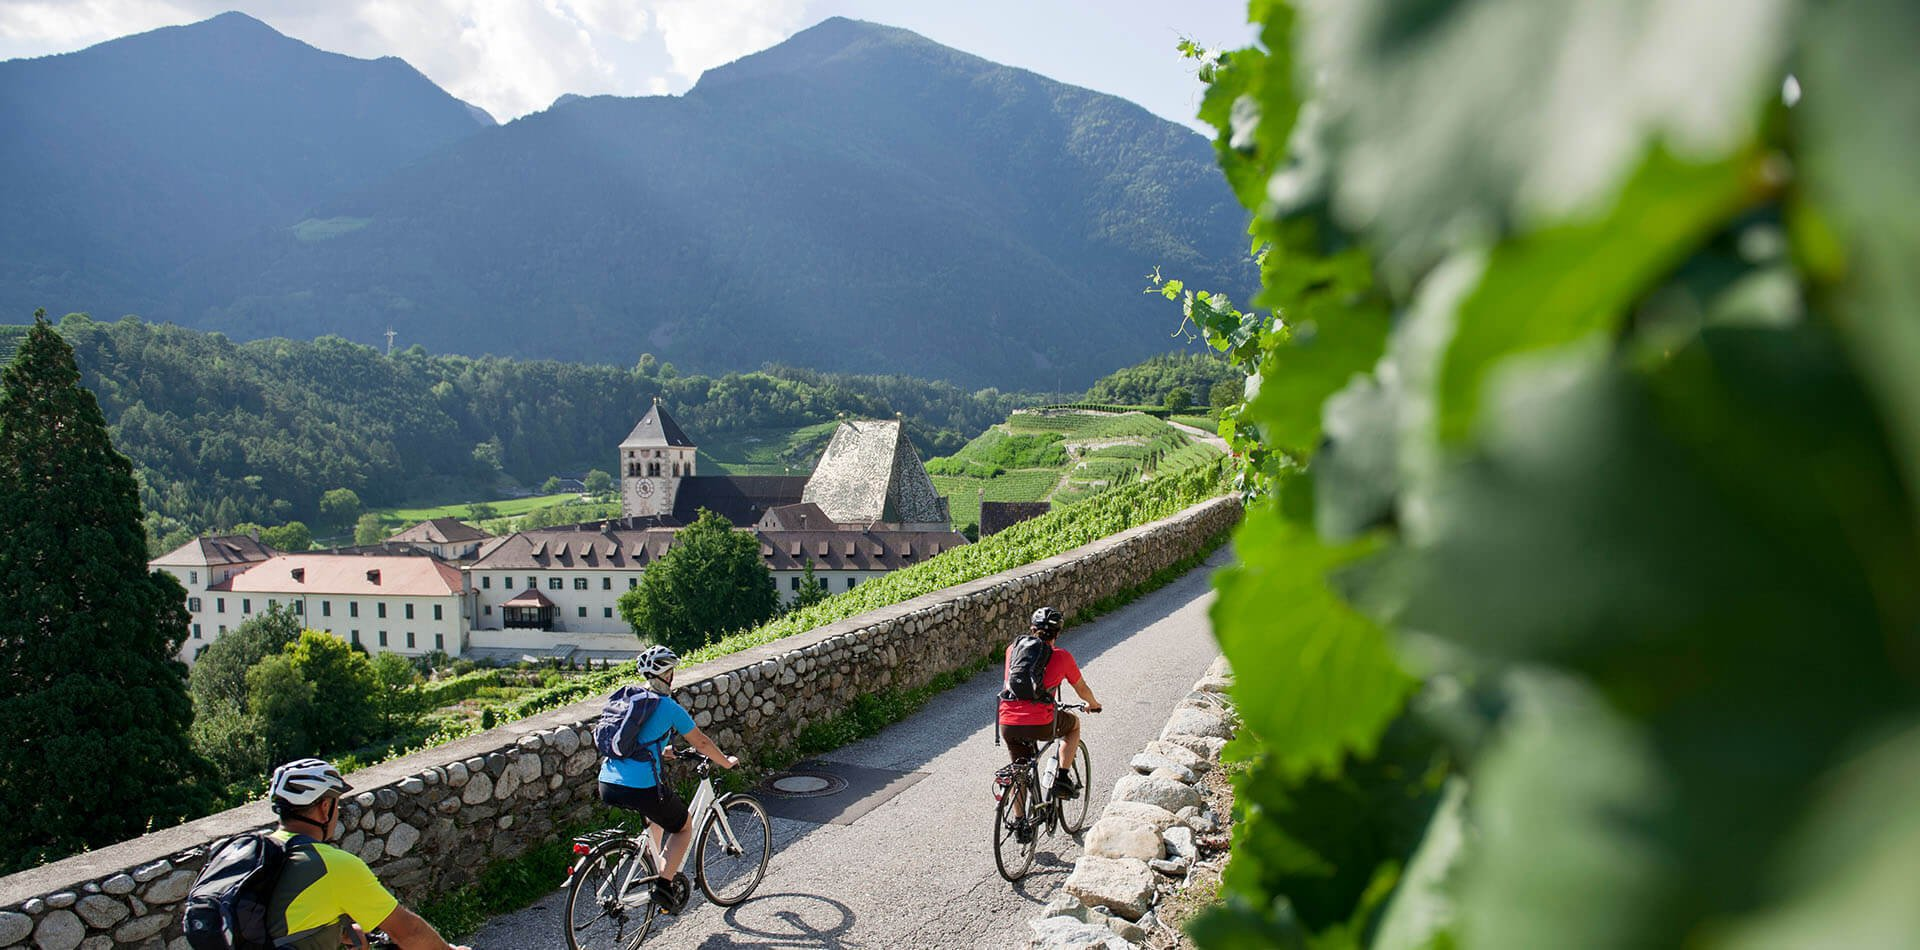 Urlaub in Brixen im Eisacktal